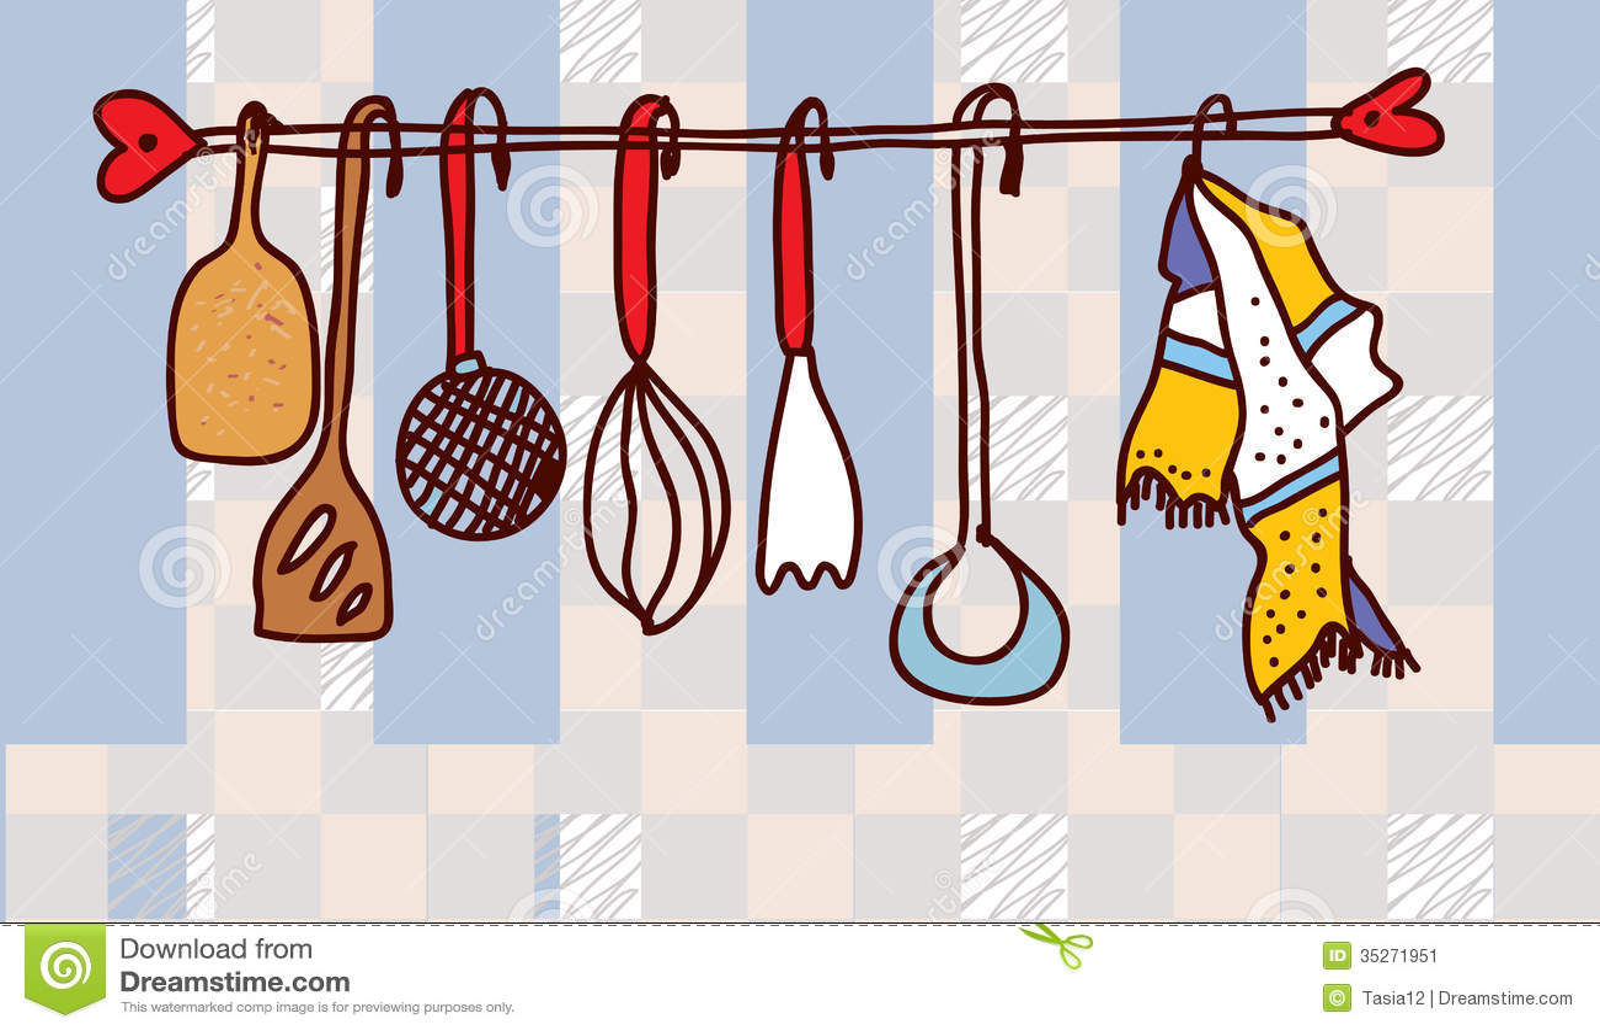 Tag re d 39 ustensiles de cuisine dr le image stock image - Ustensiles de cuisine rigolo ...